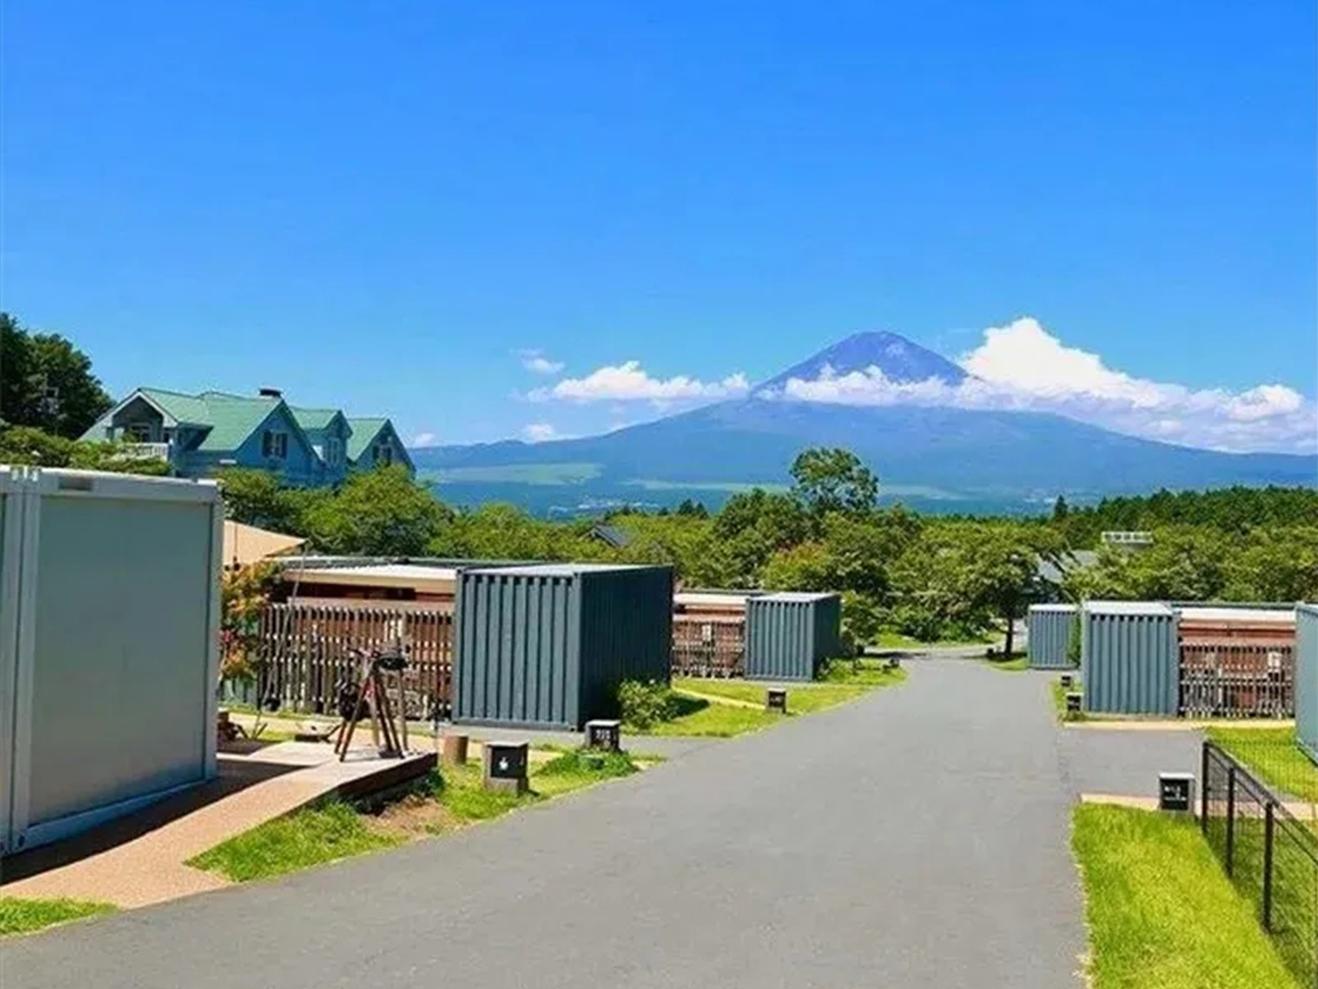 富士山脚天人合一的豪华露营【集装箱民宿】!